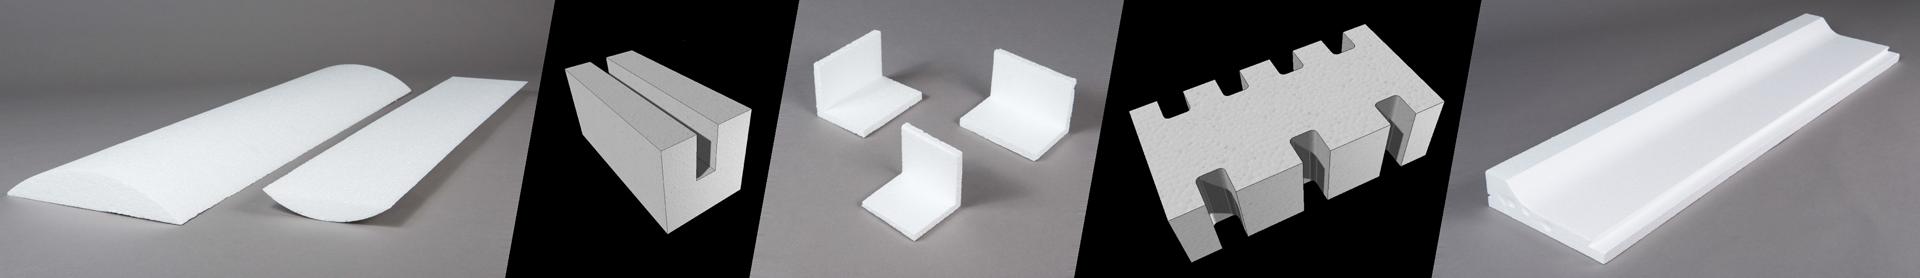 Epact Industrie polystyrène pièces découpées